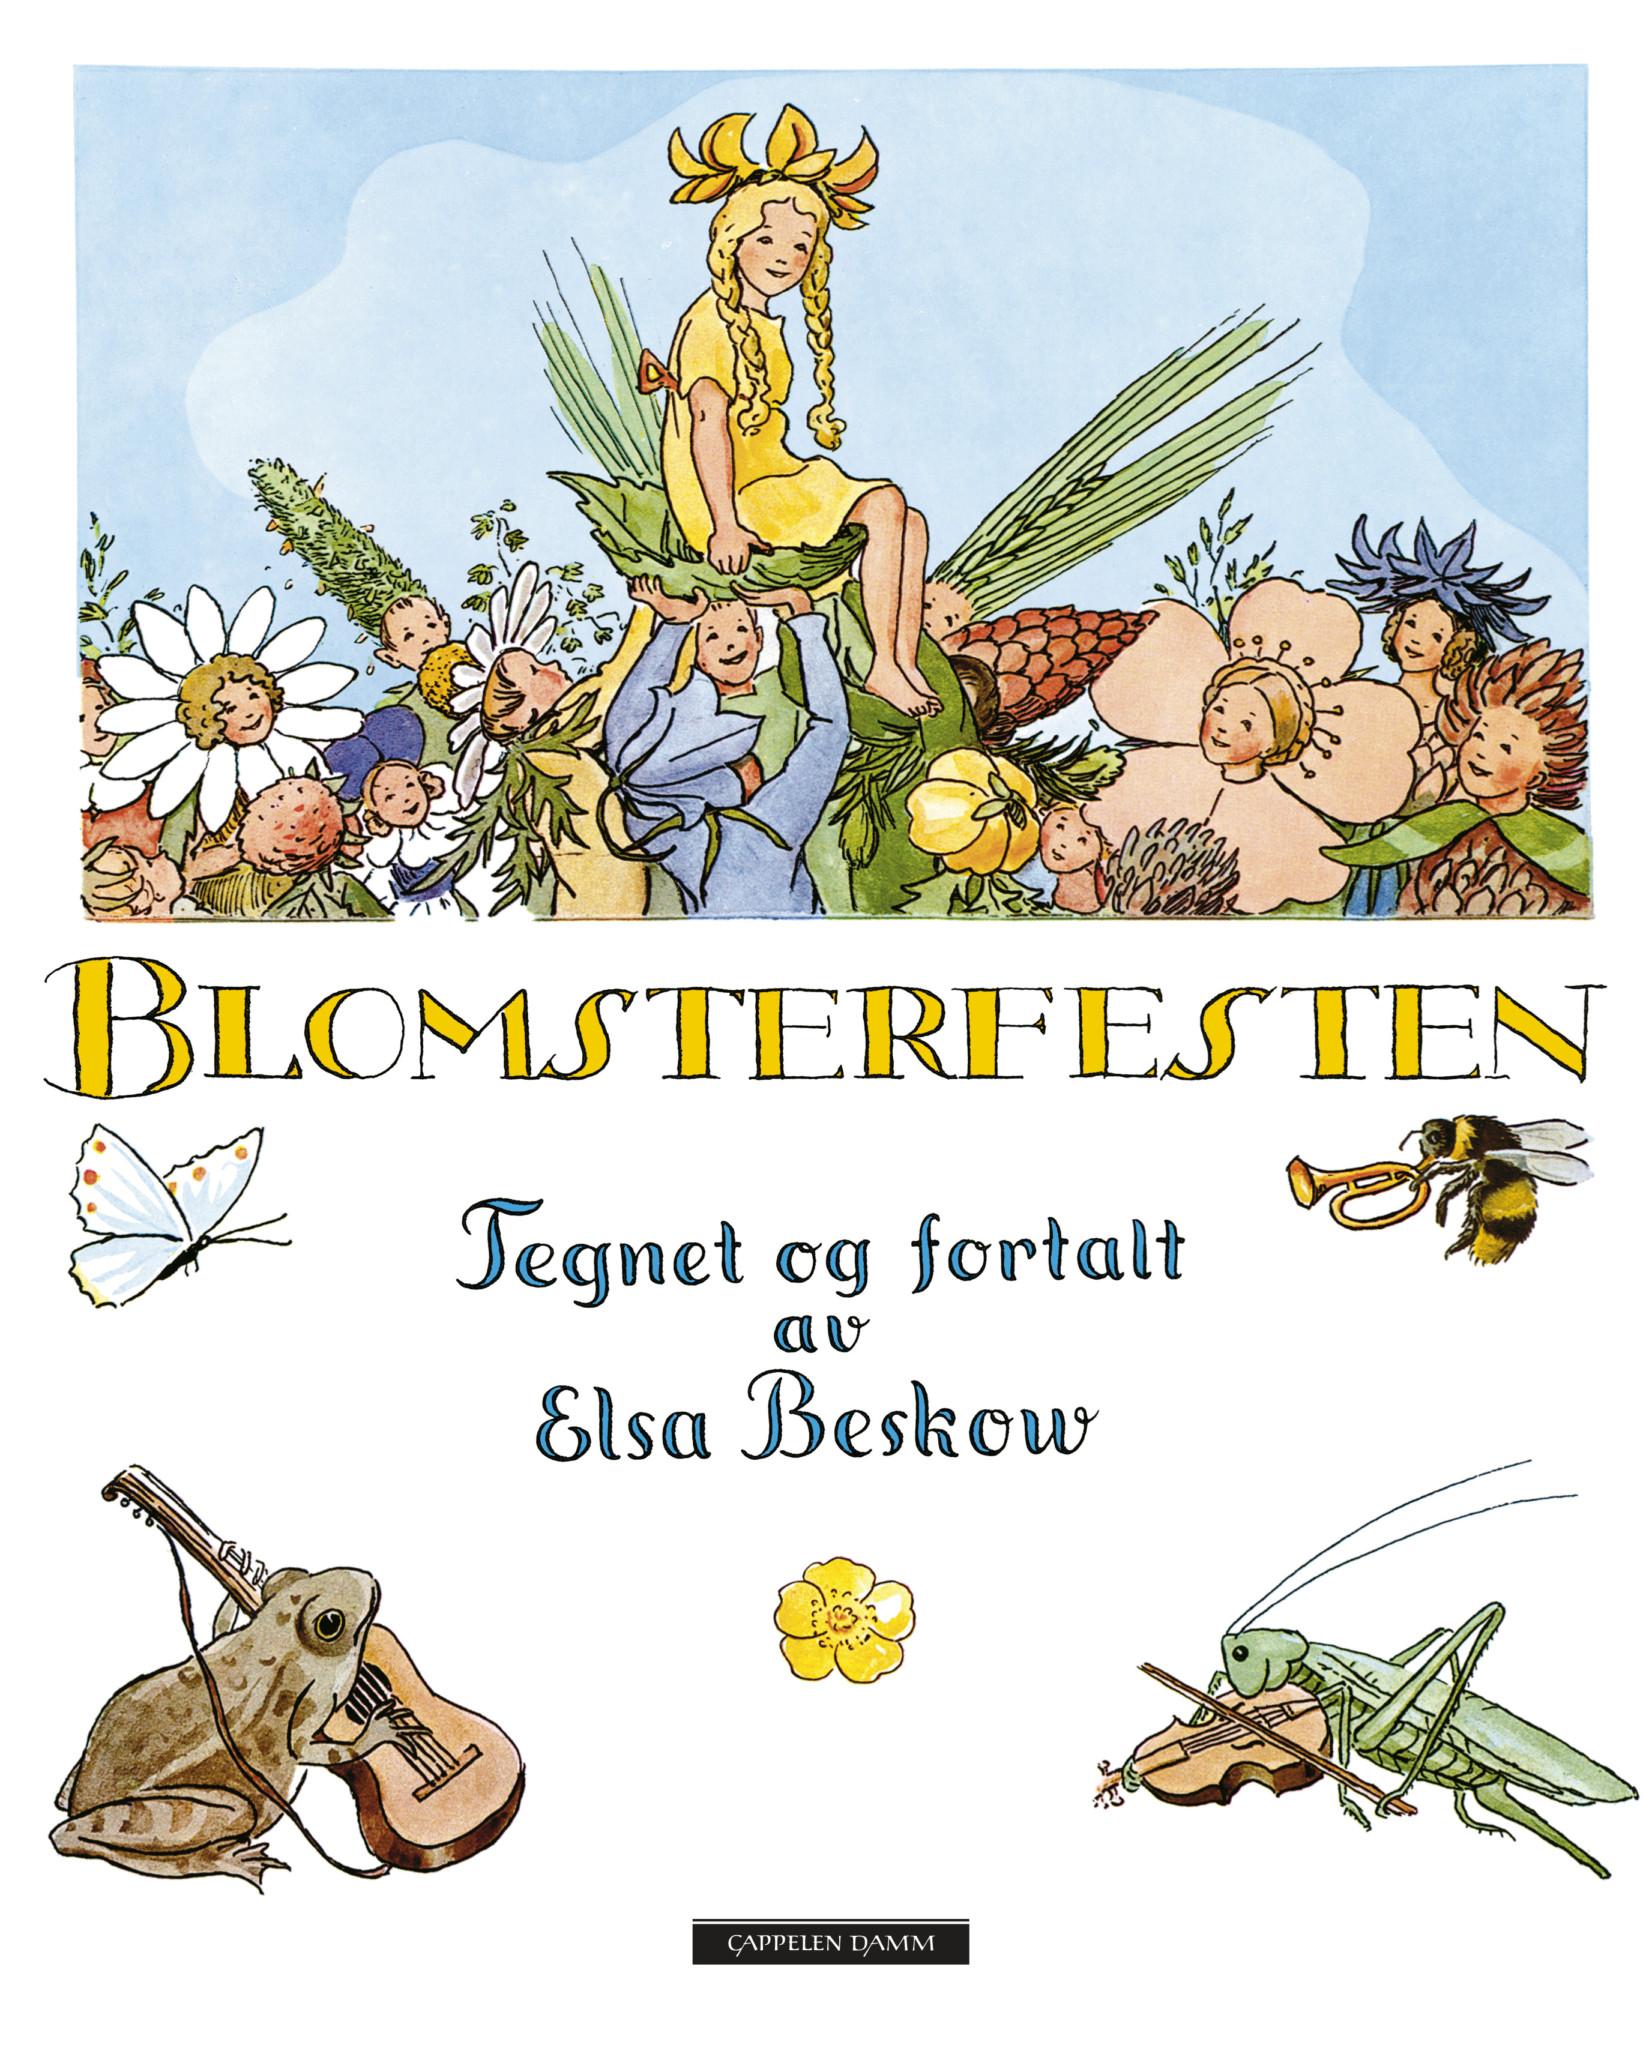 blomsterfesten-elsa-beskow-organic-flowers-le-backhand